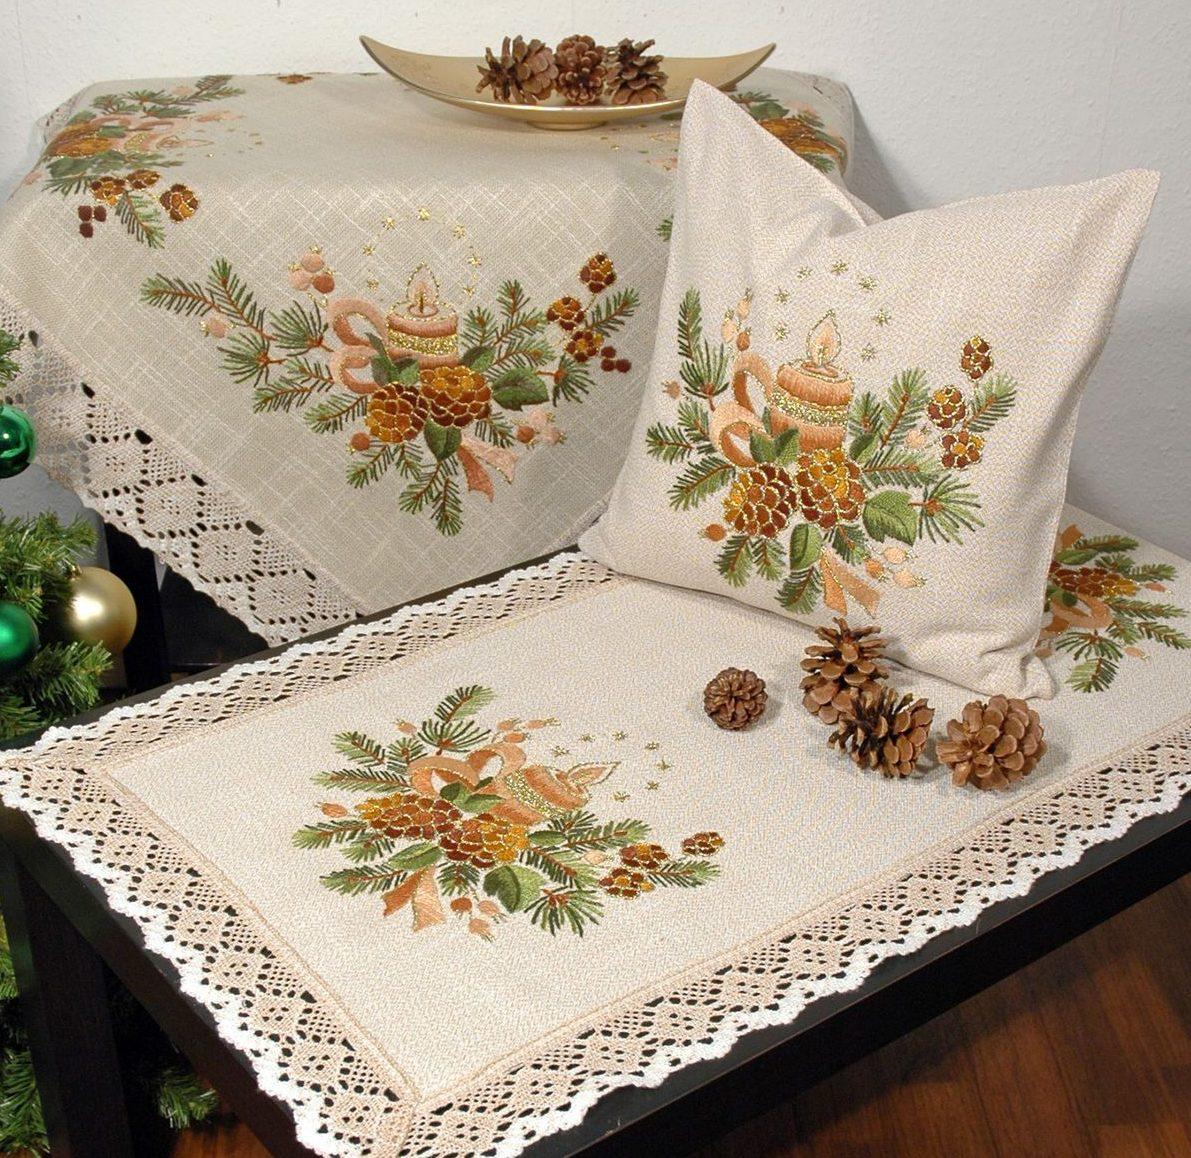 Текстиль с вышивкой